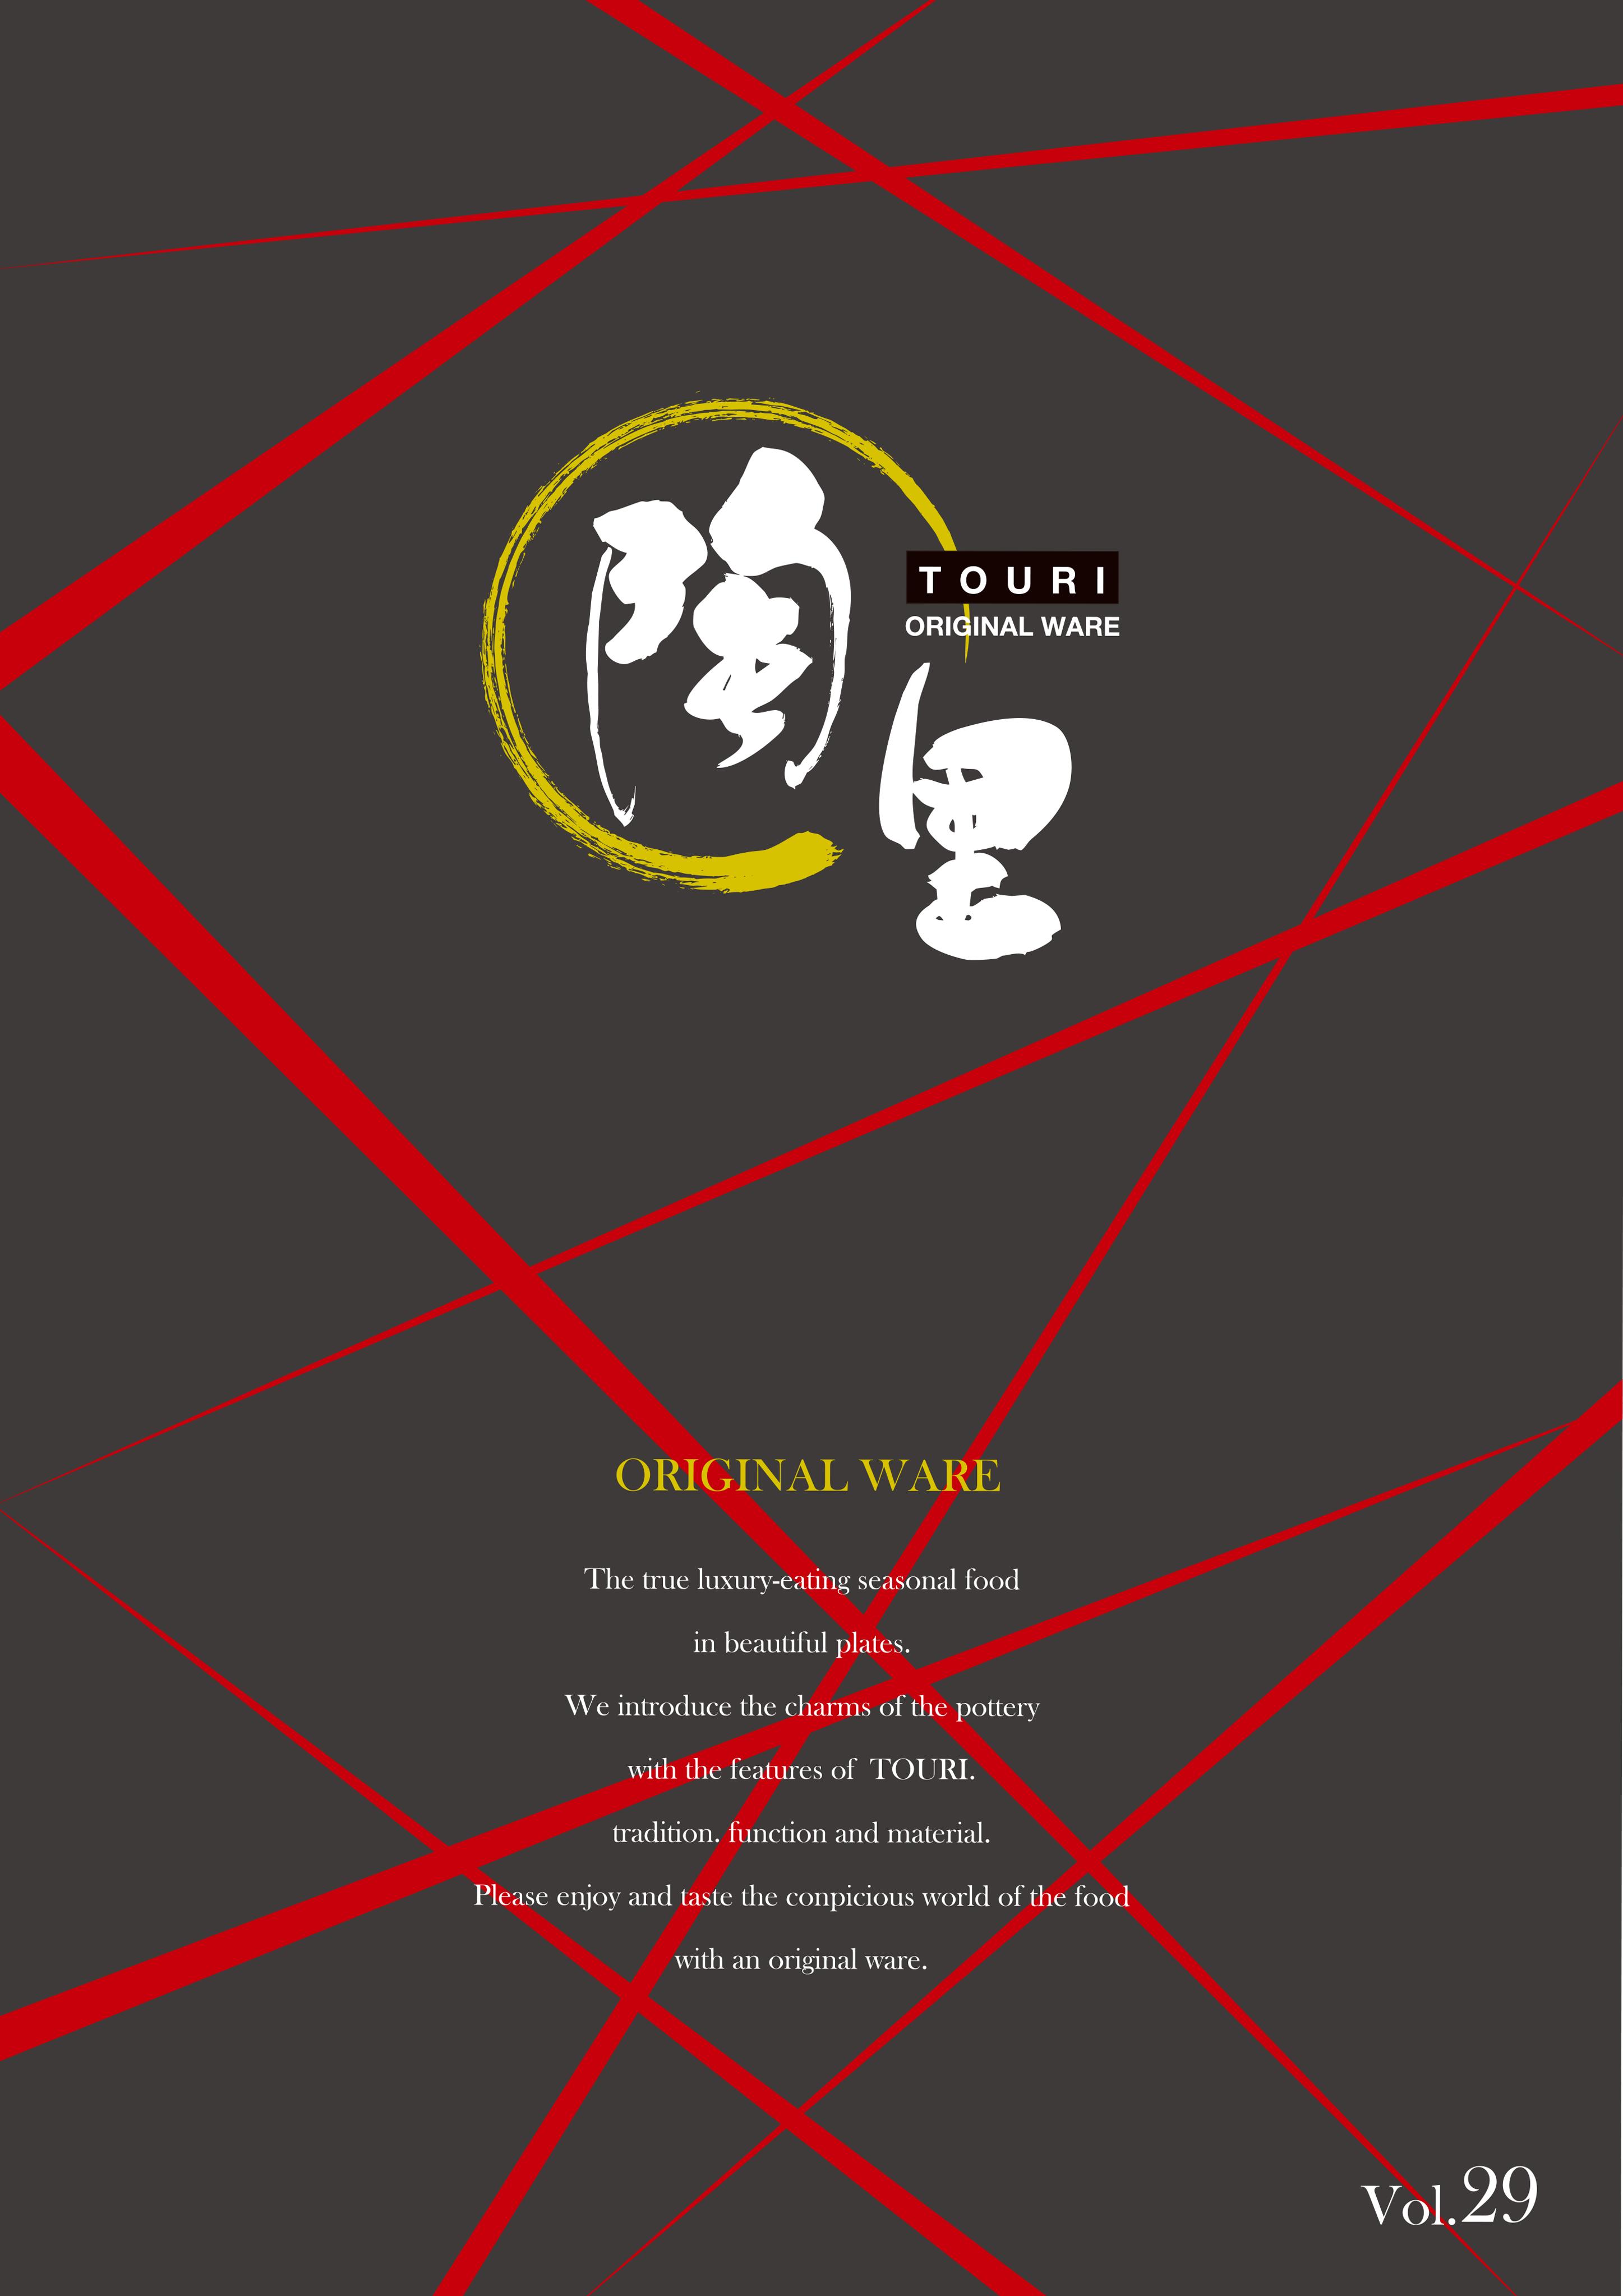 catalogue Touri